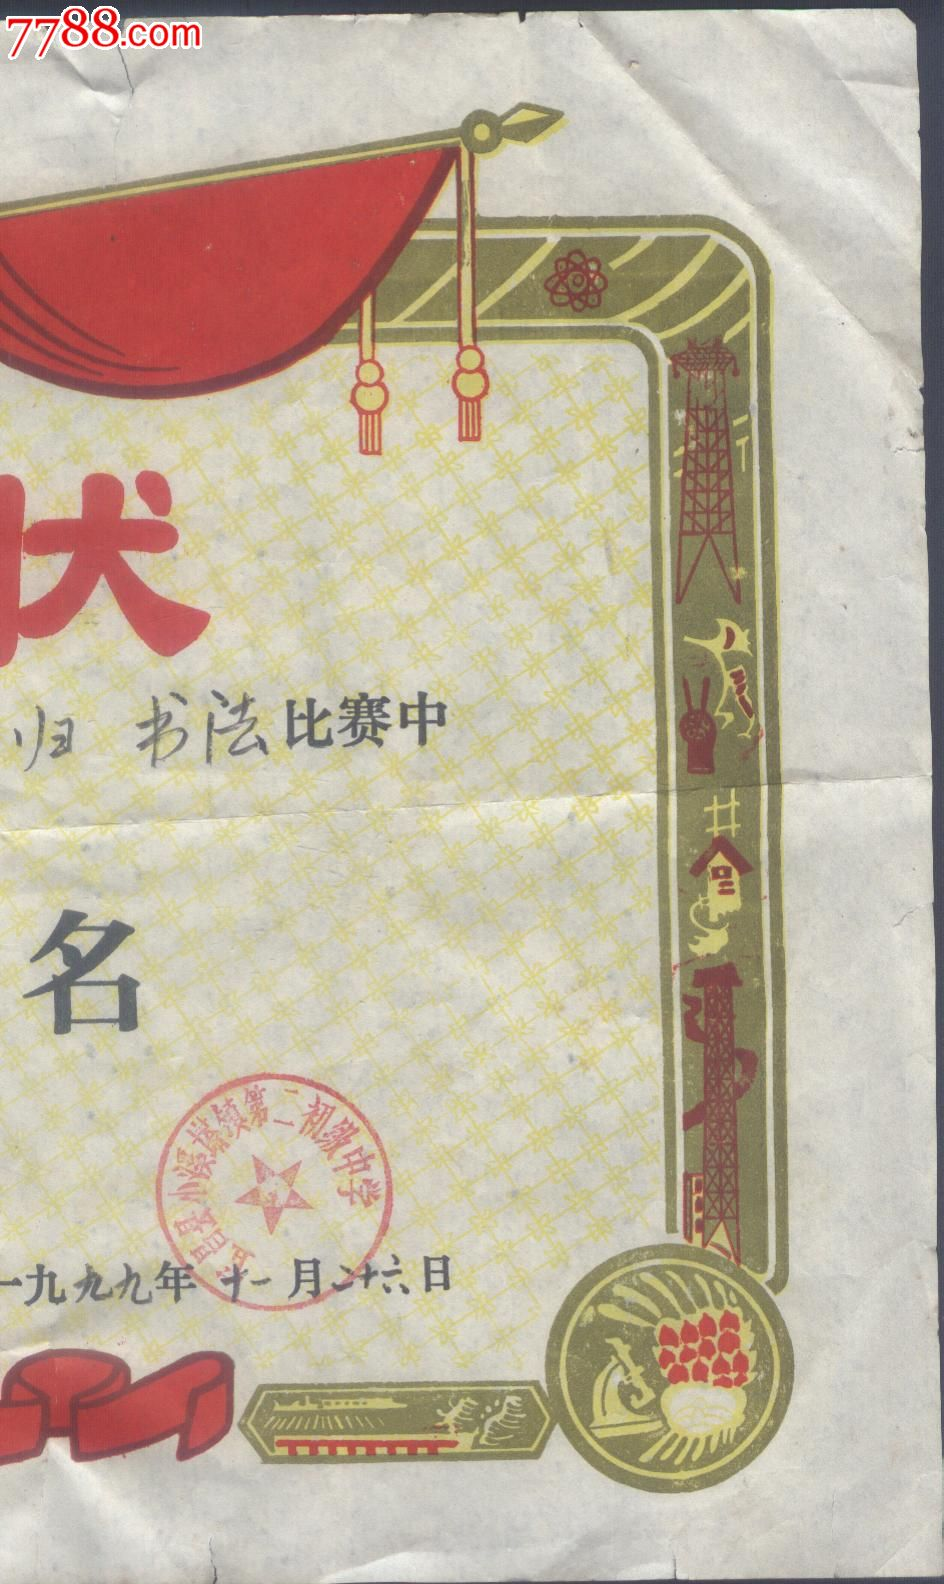 红领巾杯奖状设计图